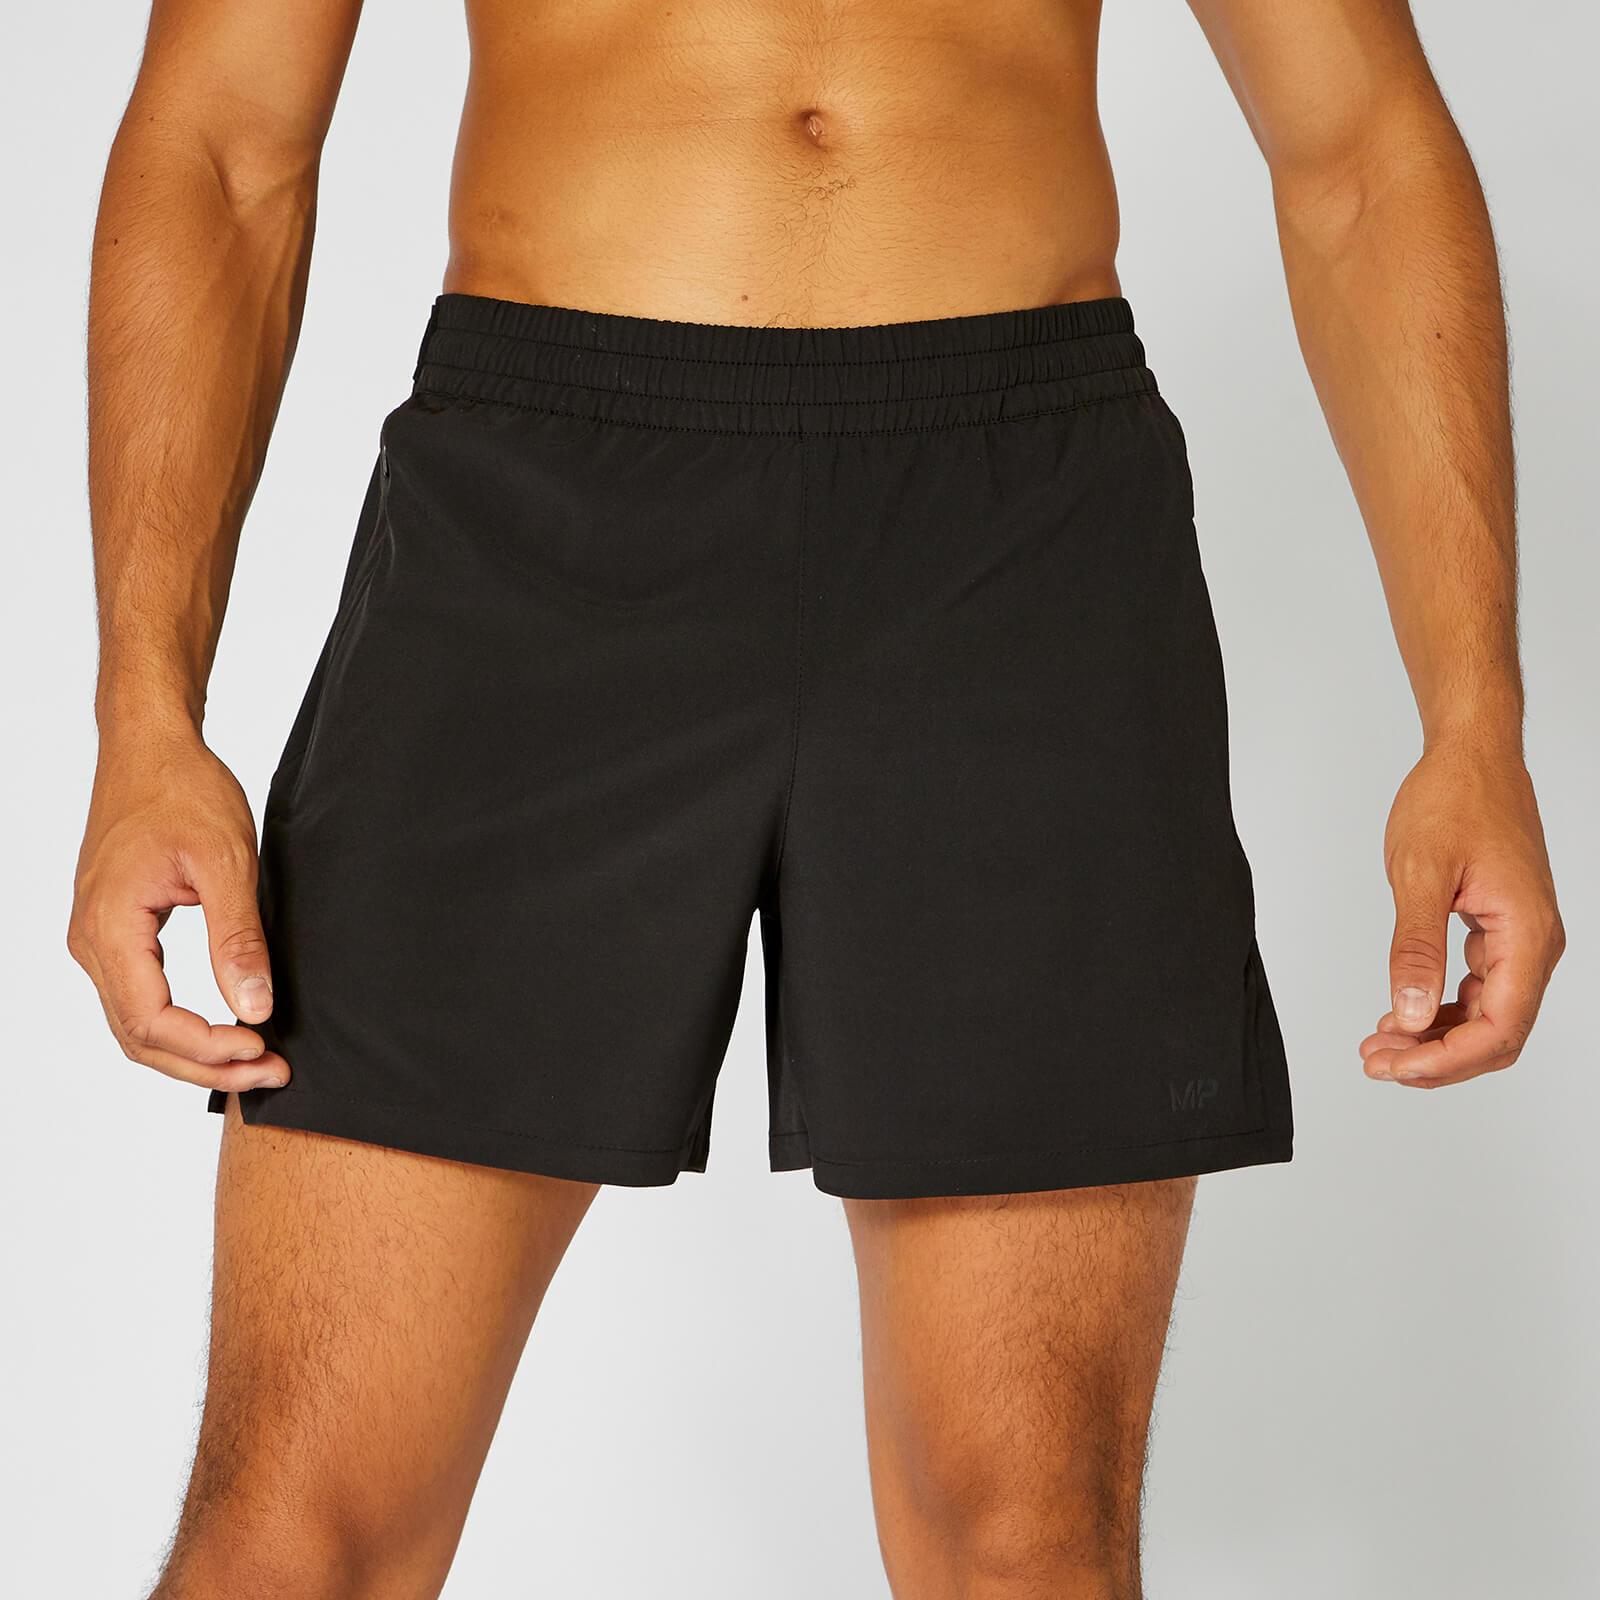 Myprotein Sprint 5 Inch Shorts - Black - XL